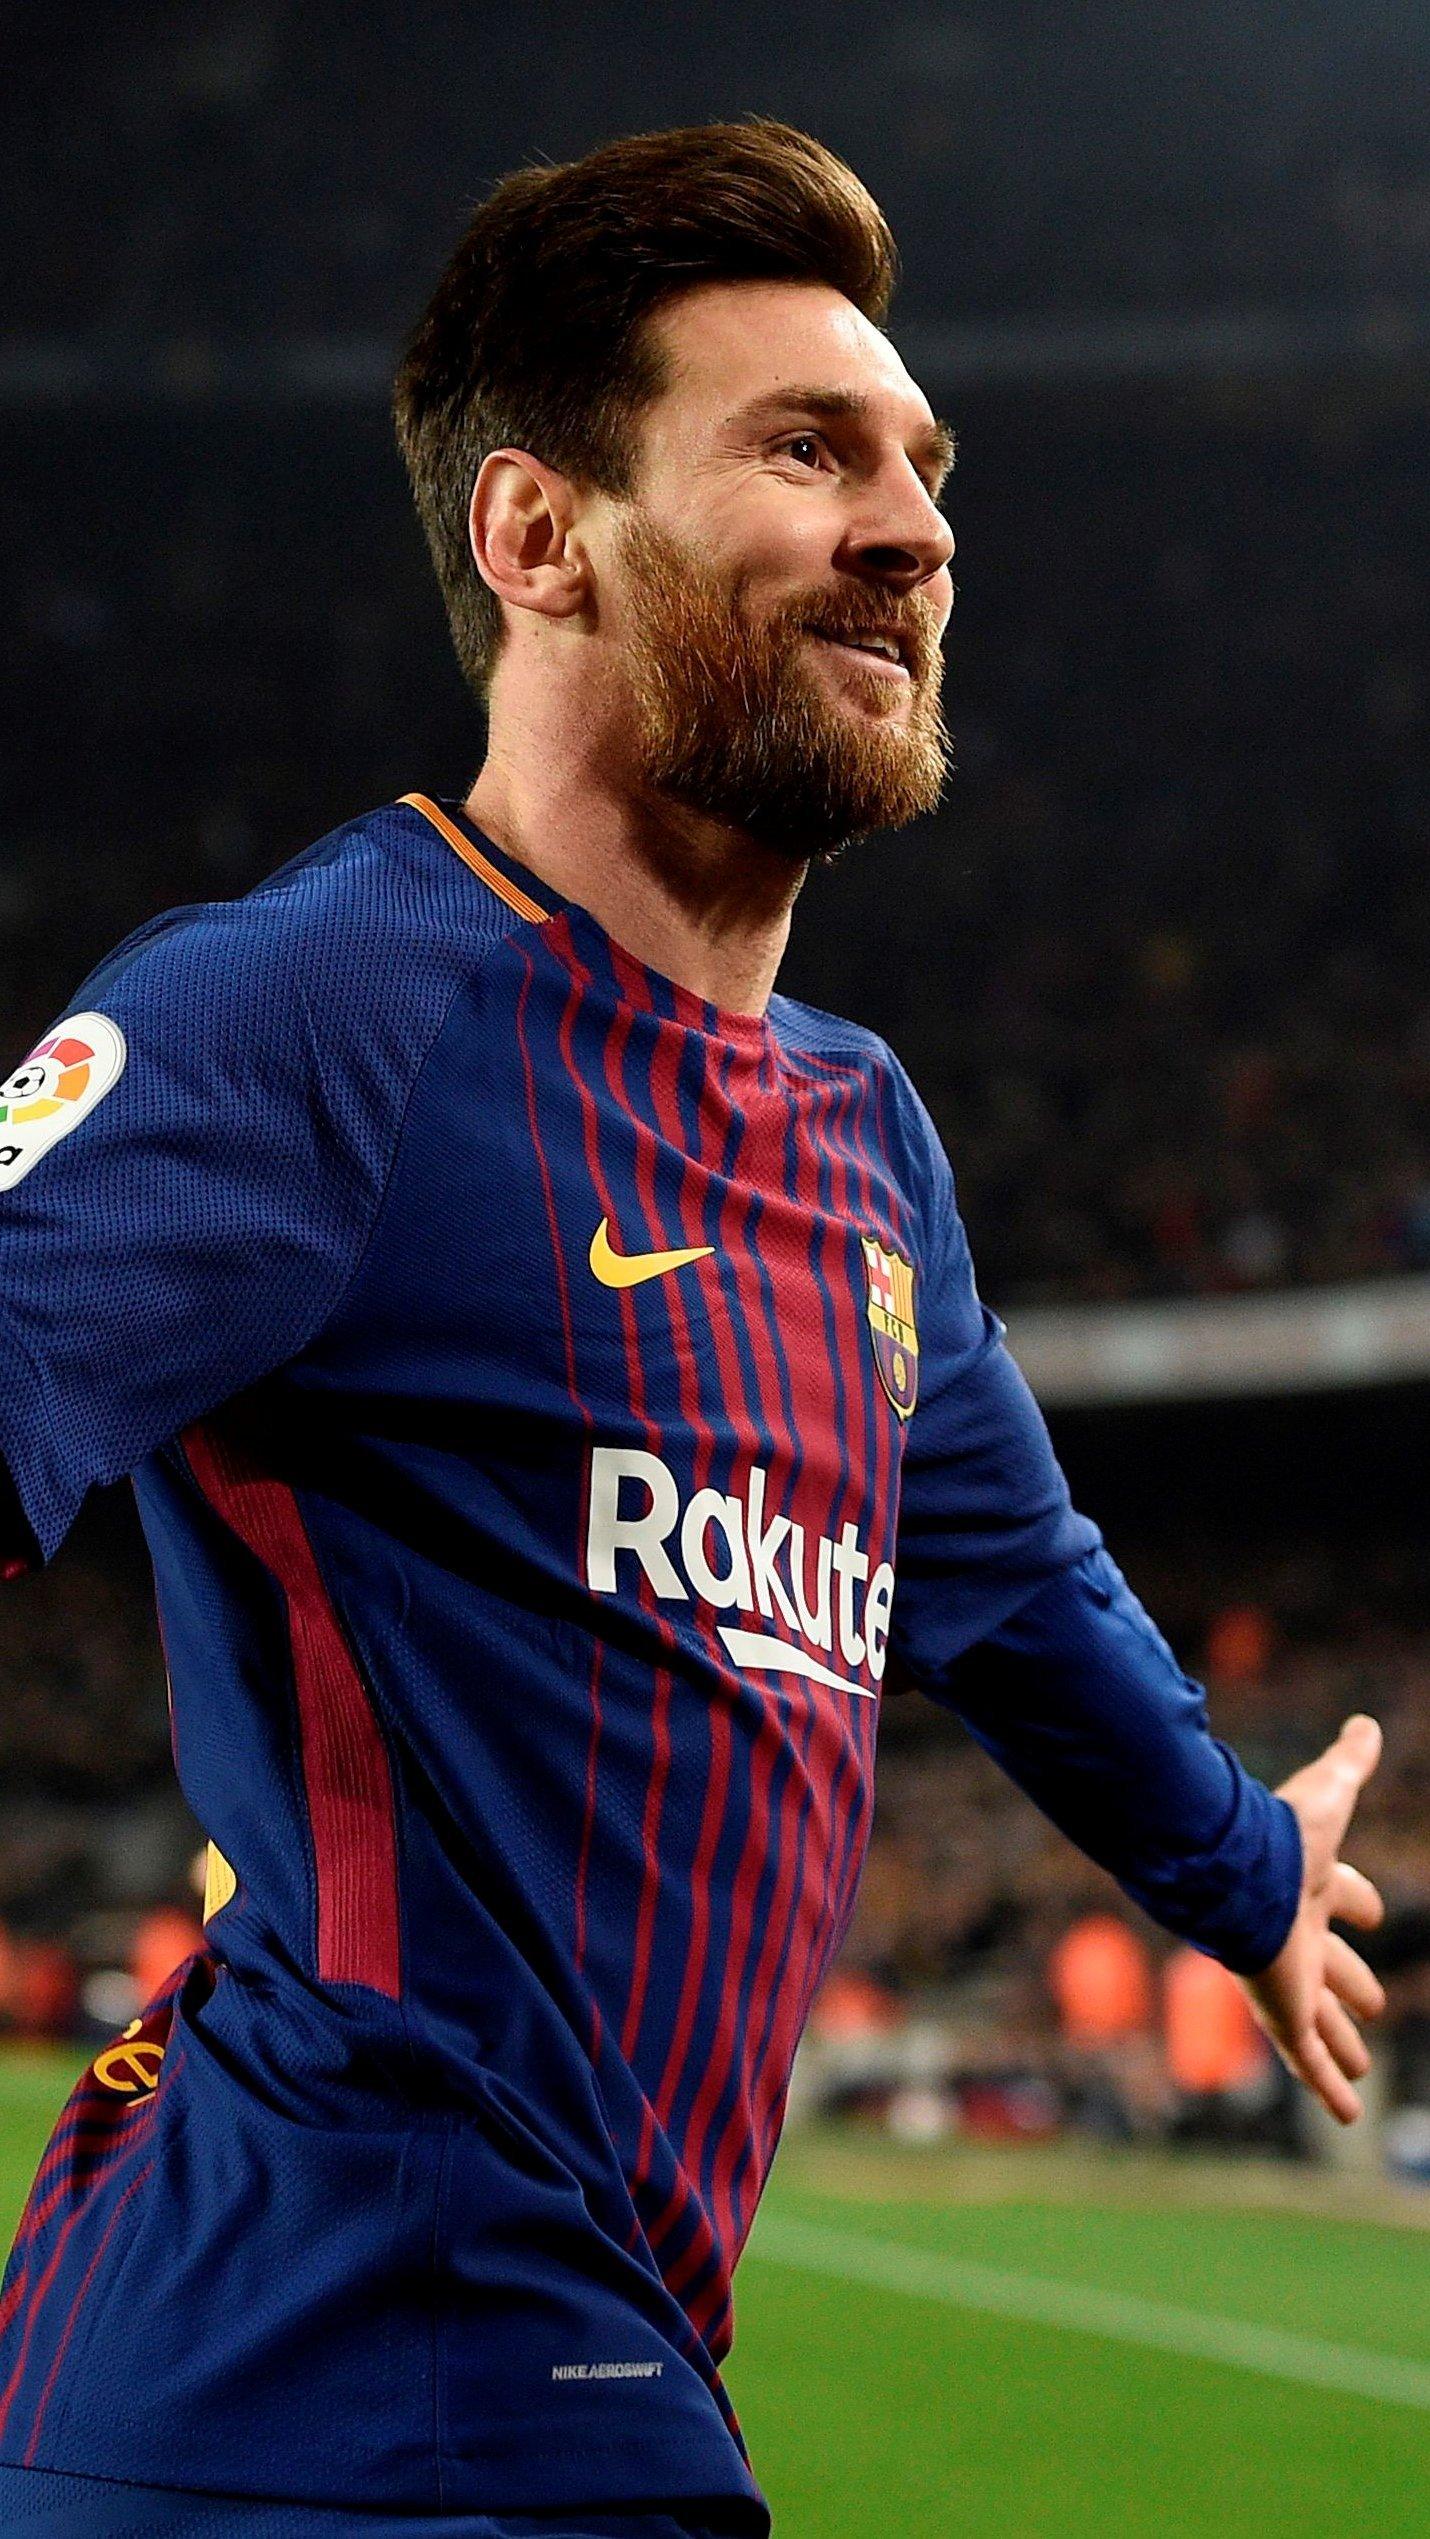 Fondos de pantalla Lionel Messi con el Barcelona Vertical